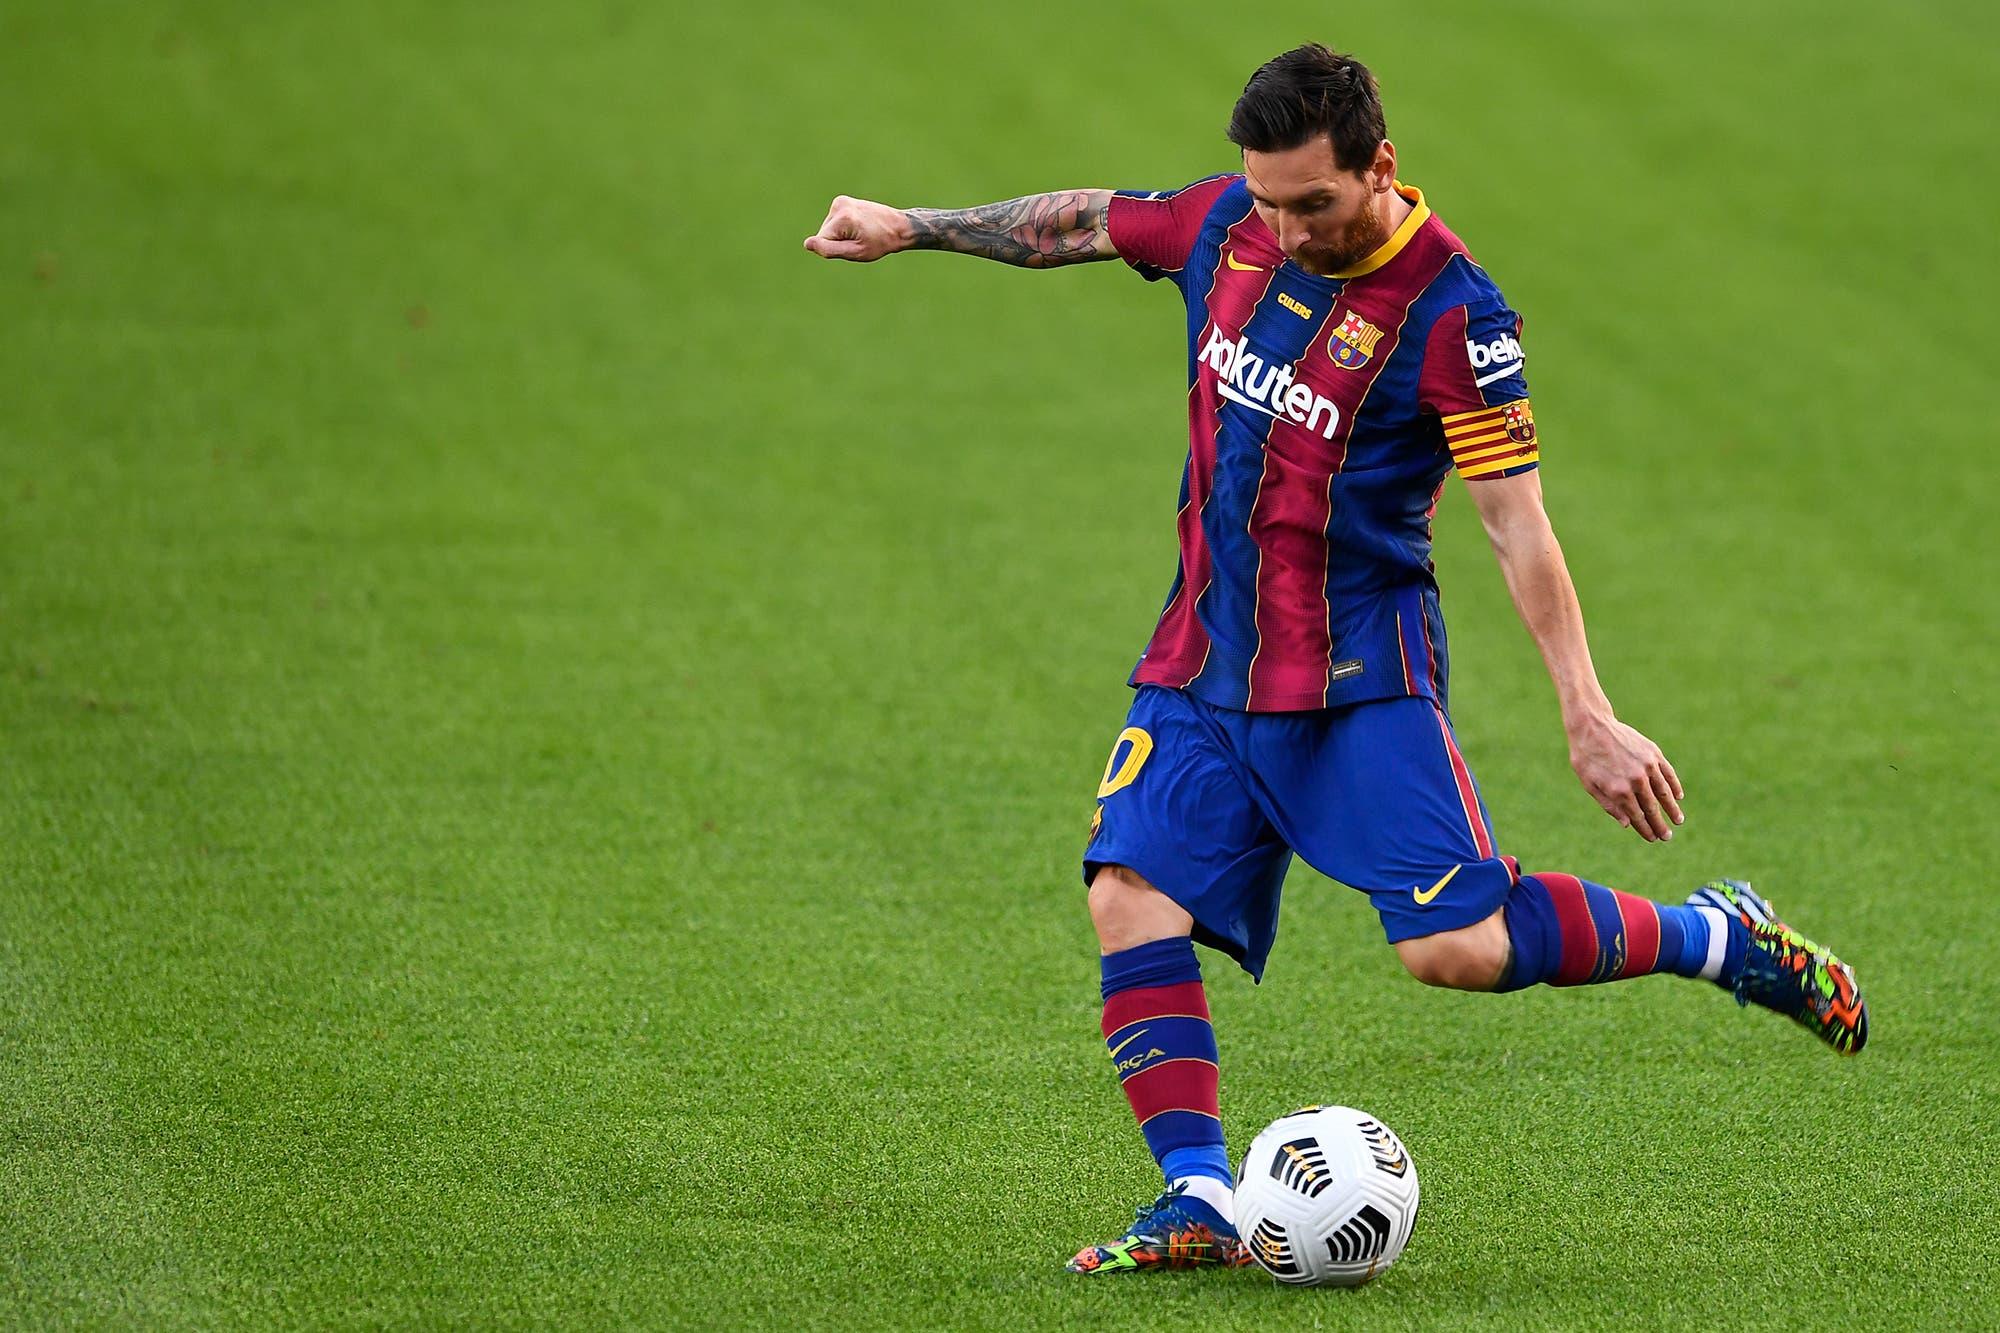 Barcelona-Ferencvaros: con Lionel Messi titular, horario, TV y formaciones del partido por la Champions League